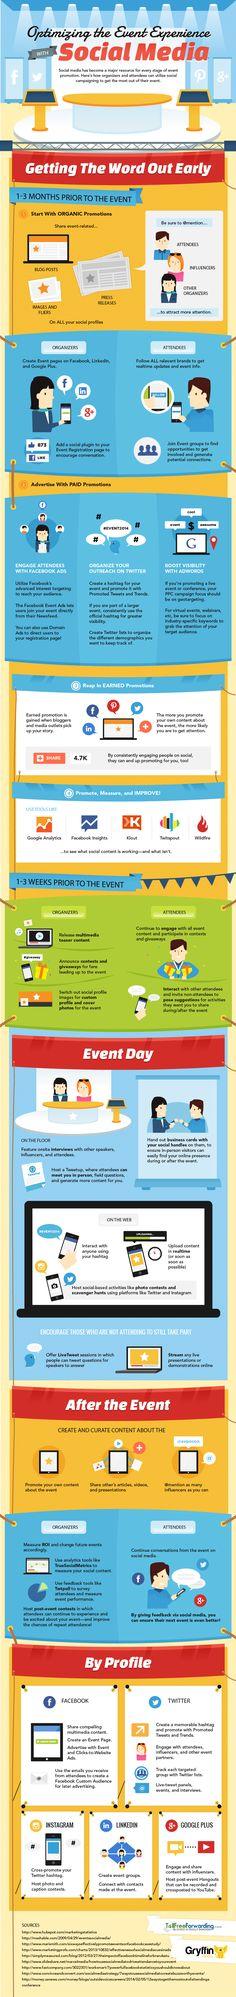 Hola: Una infografía sobre Eventos y Redes Sociales. Un saludo